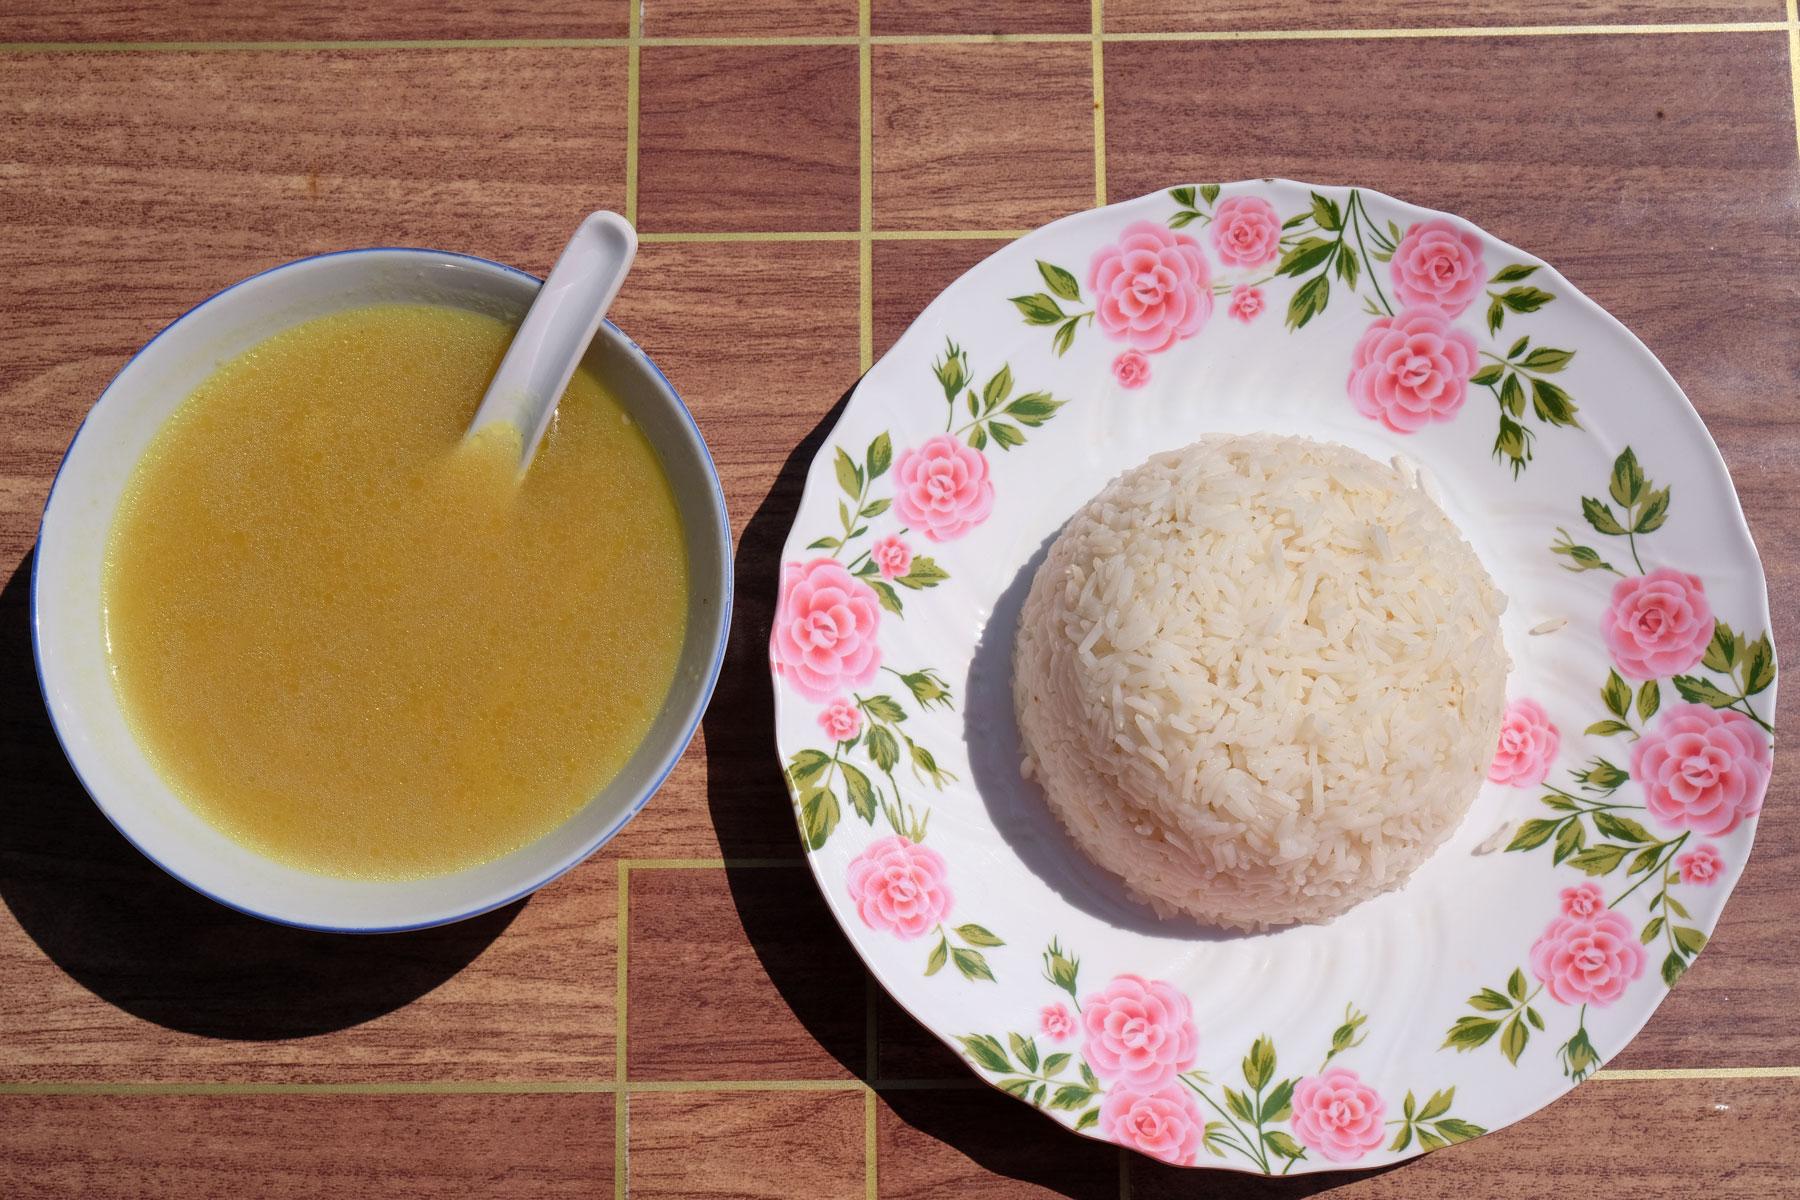 Während der Wanderung war uns selbst kochen nicht möglich. Welch ein Glück, dass wir besonders mittags aber immer tolle Kürbissuppen zu essen bekamen.